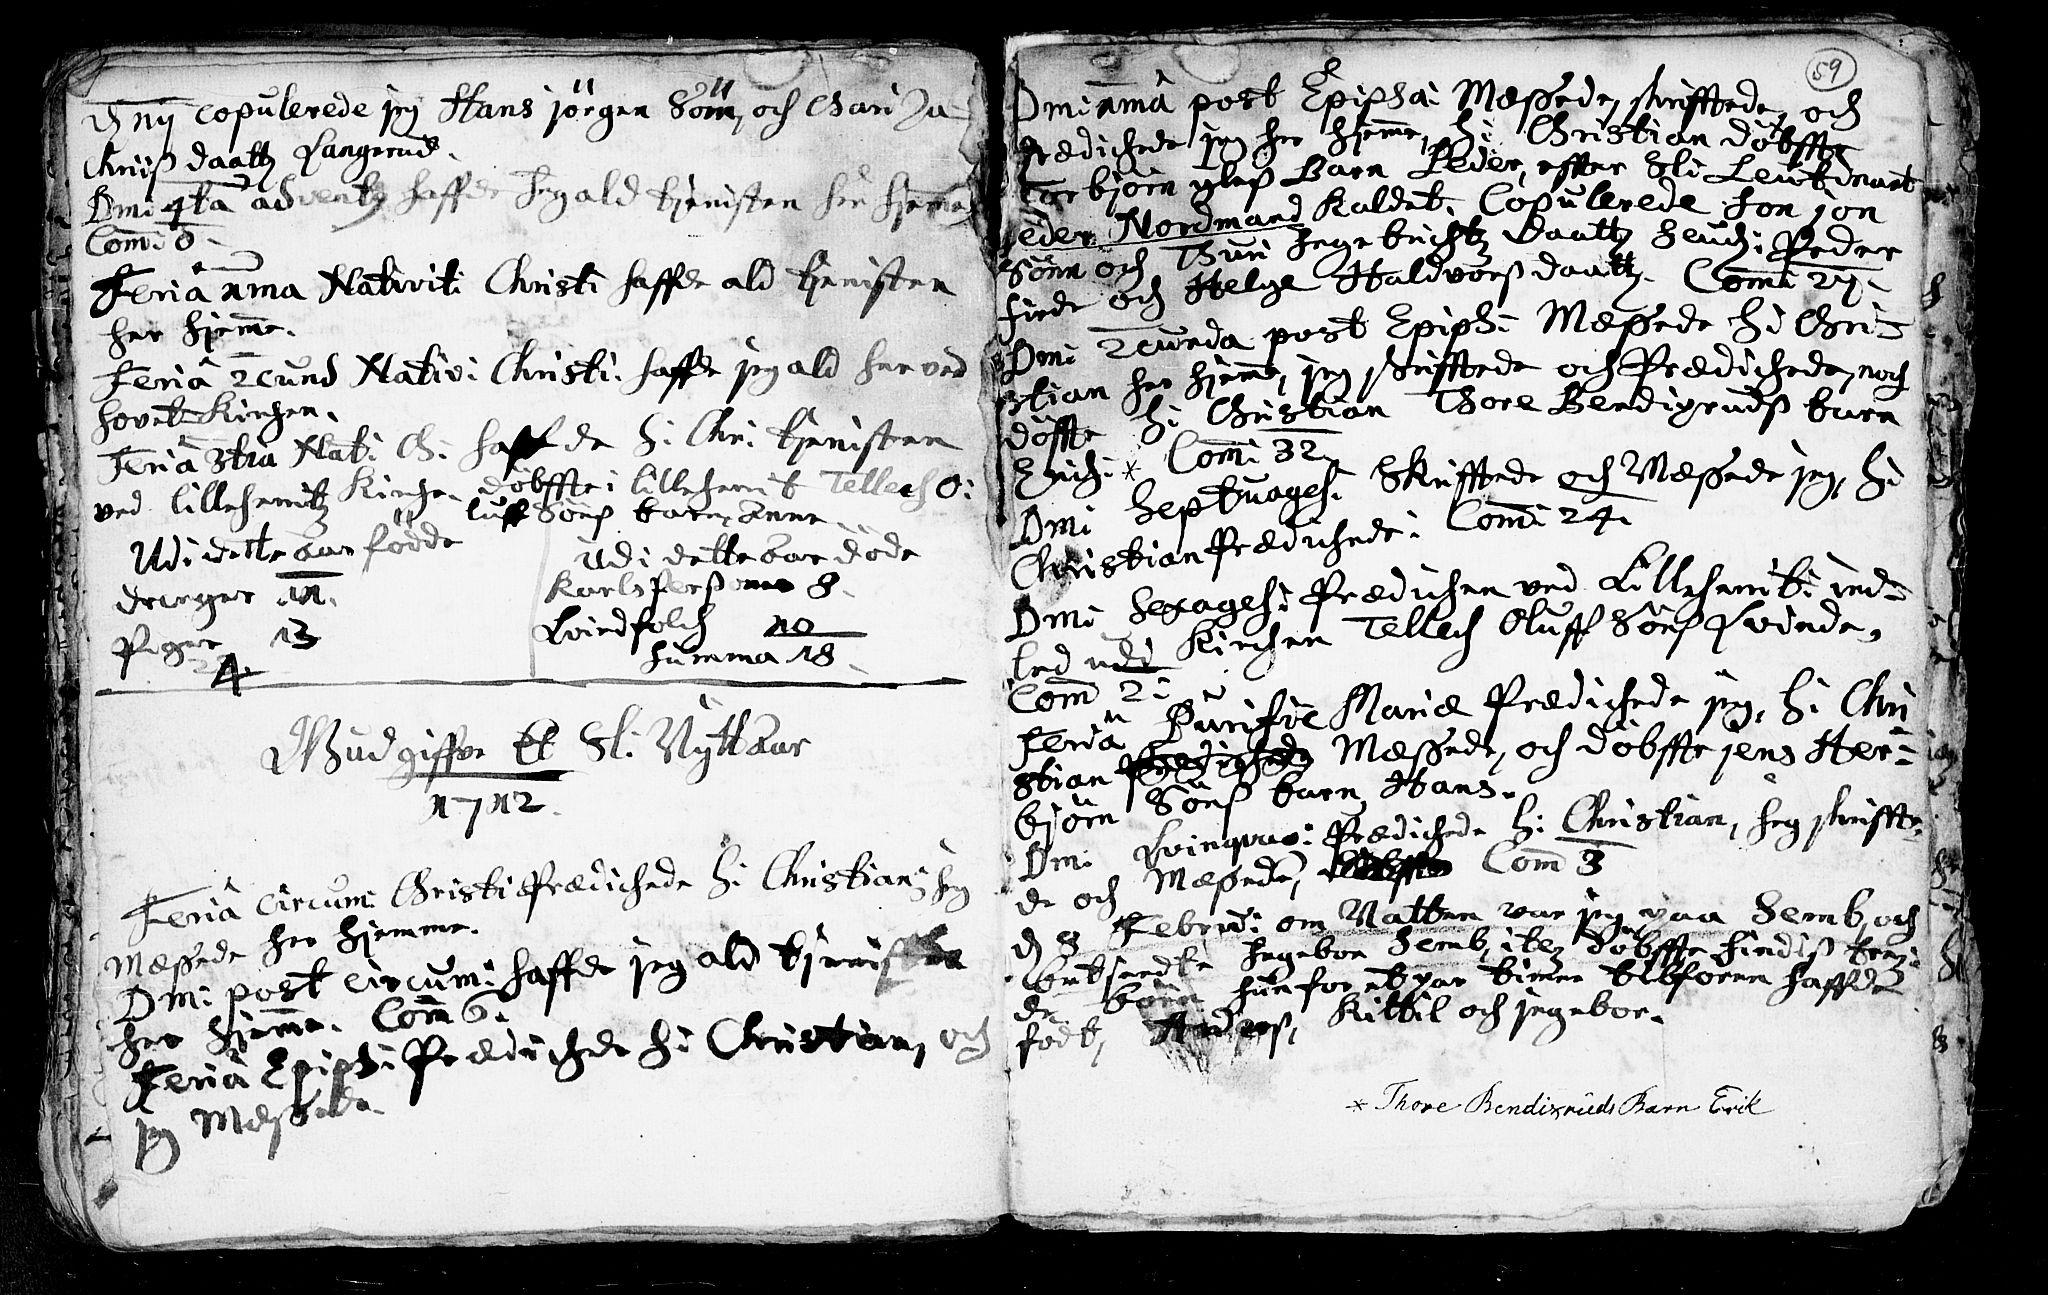 SAKO, Heddal kirkebøker, F/Fa/L0002: Ministerialbok nr. I 2, 1699-1722, s. 59